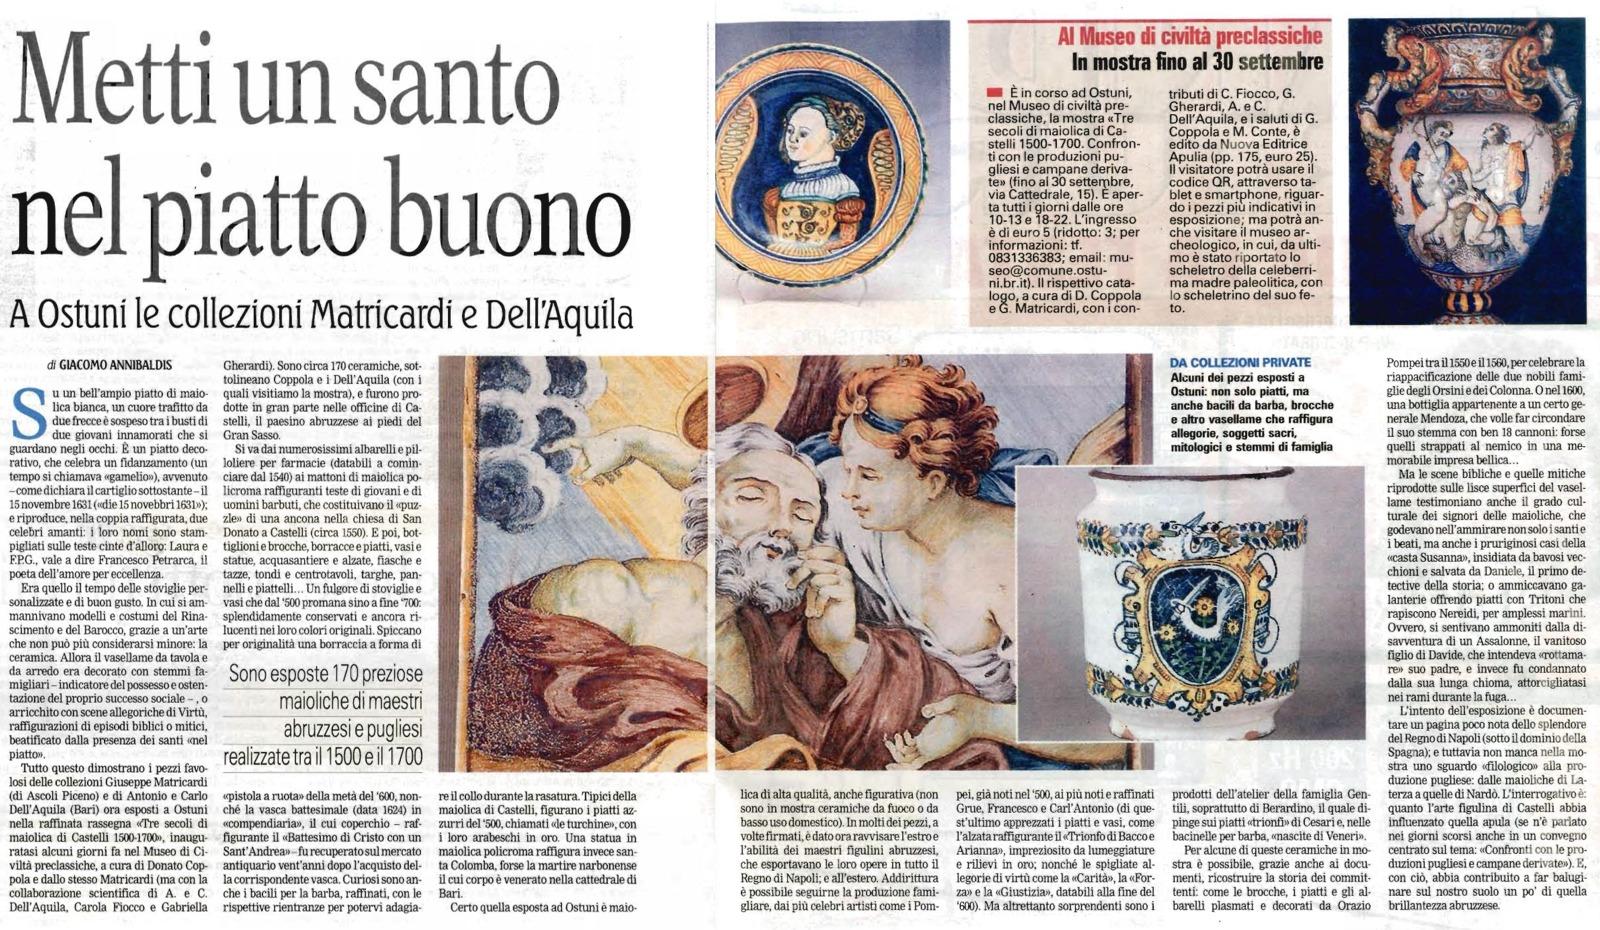 Metti un Santo nel piatto buono: le collezioni Matricardi e Dell'Aquila (La Gazzetta del Mezzogiorno)